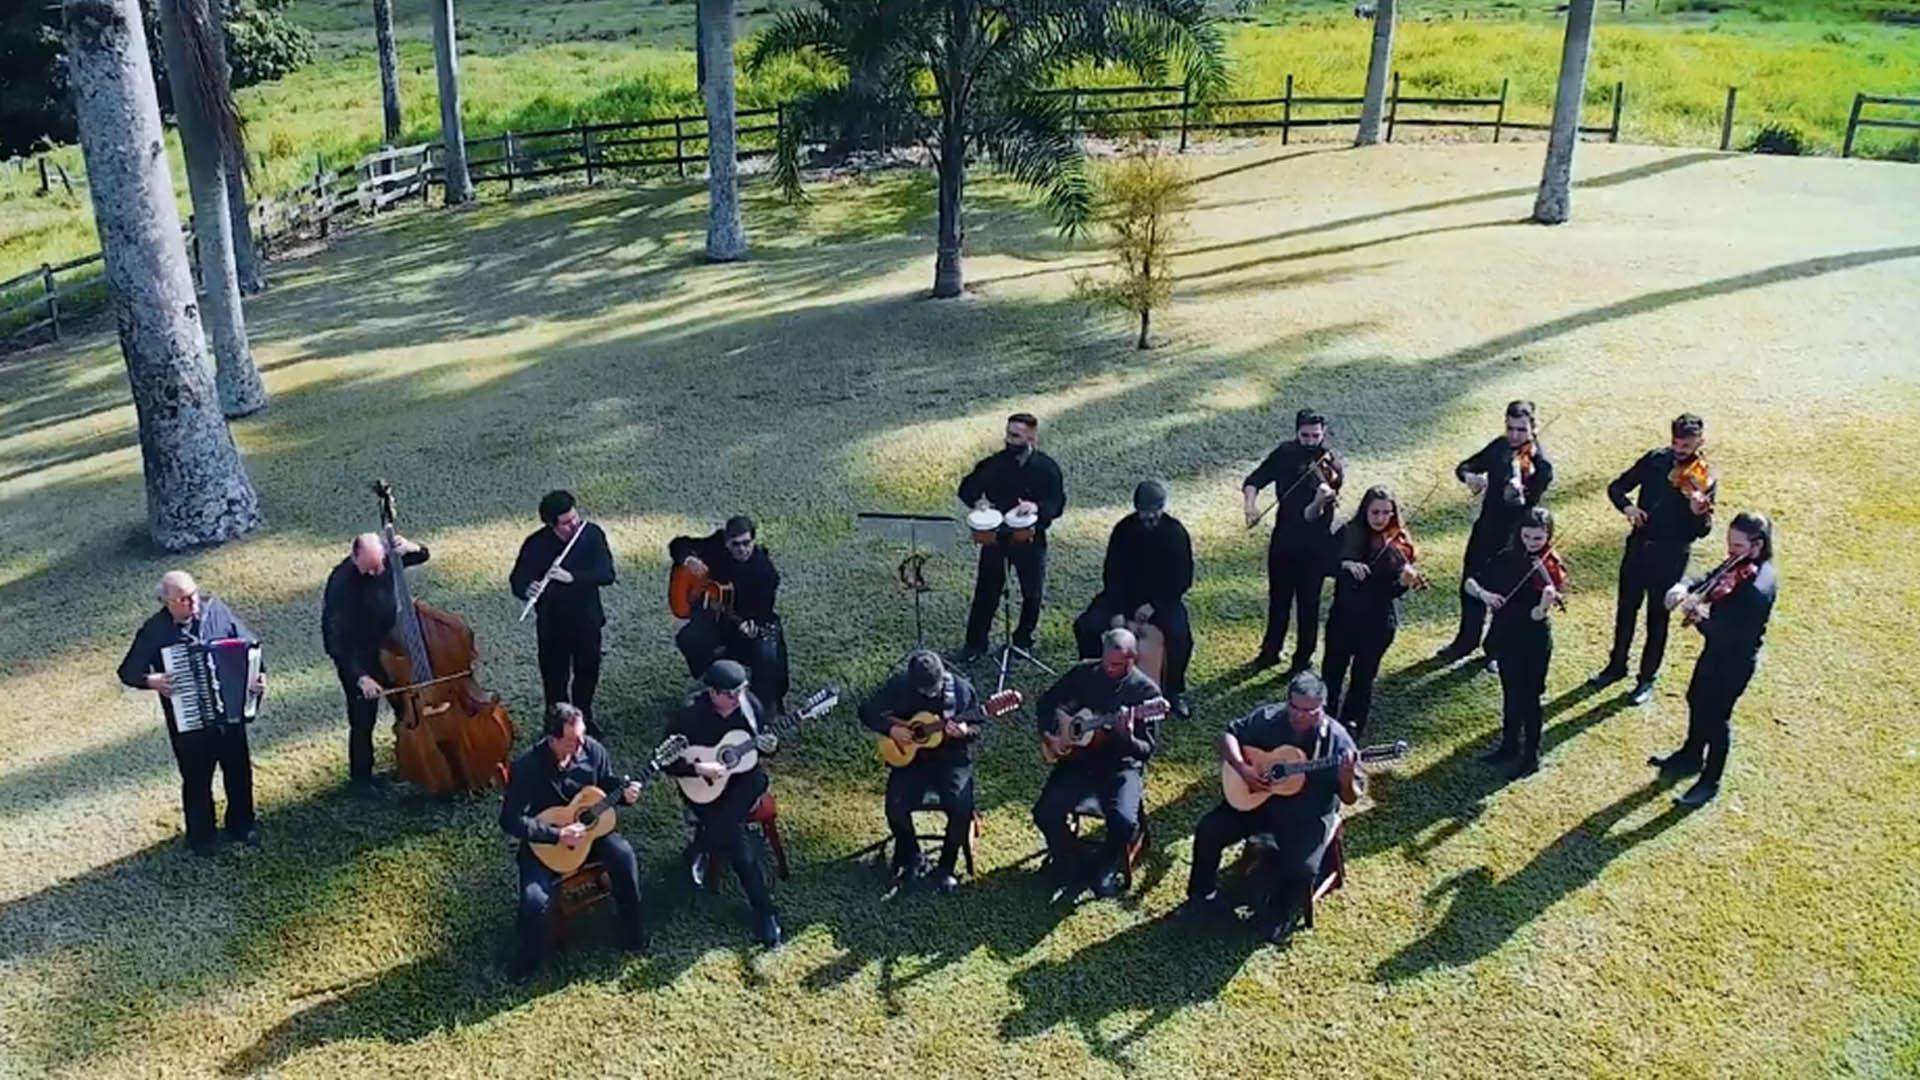 Maestro Agenor Ribeiro Netto e a orquestra Violas e Violinos